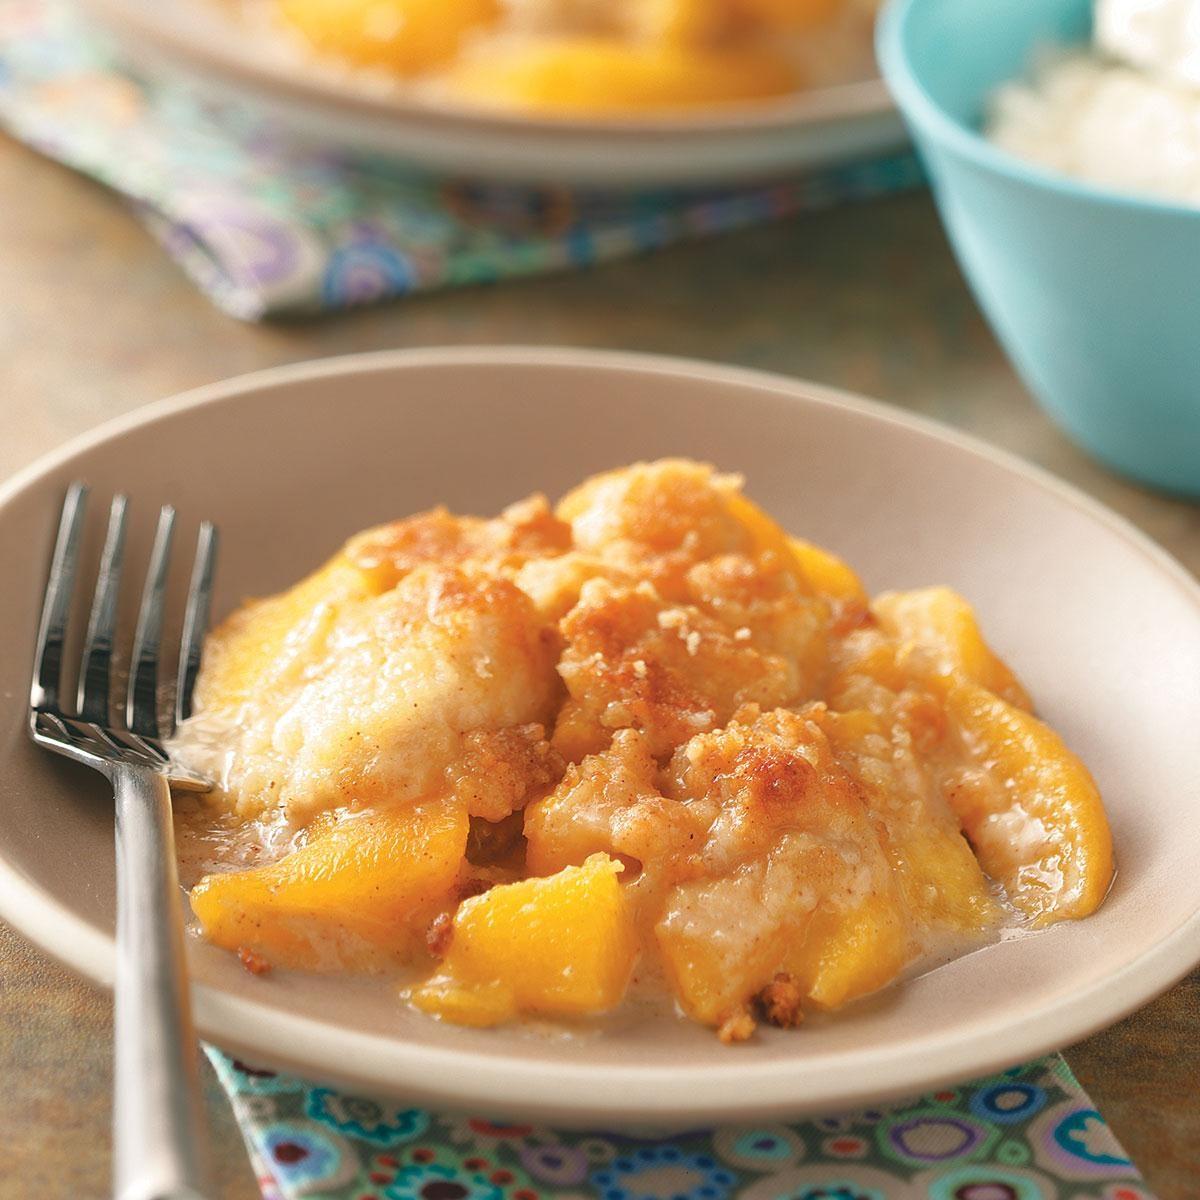 Chili S Peach Crumble Cake Recipe